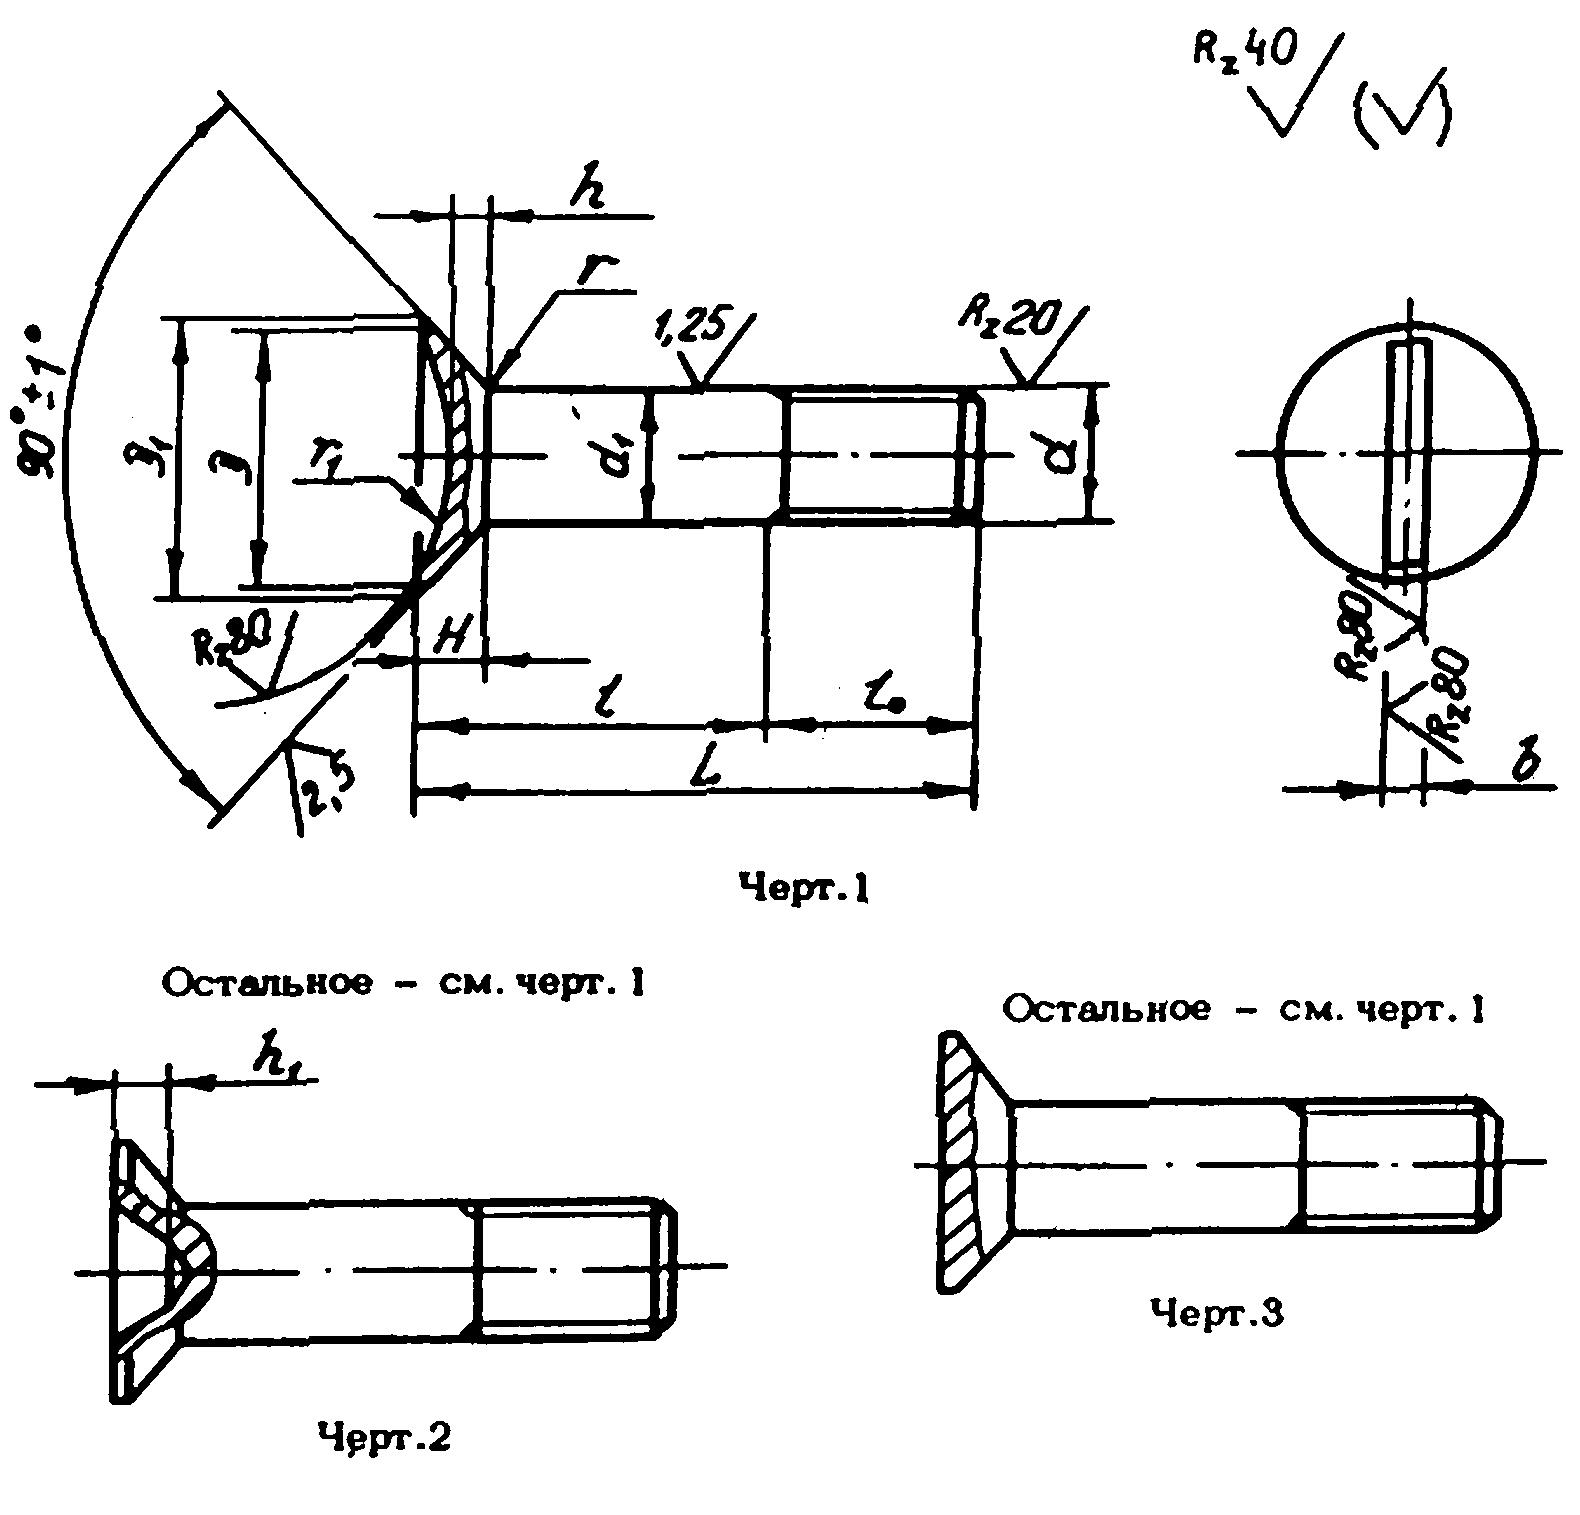 ОСТ 1 31 (192…194)-80 Болты с потайной головкой углом 90° с полем допуска диаметра стержня p6 и короткой резьбовой частью